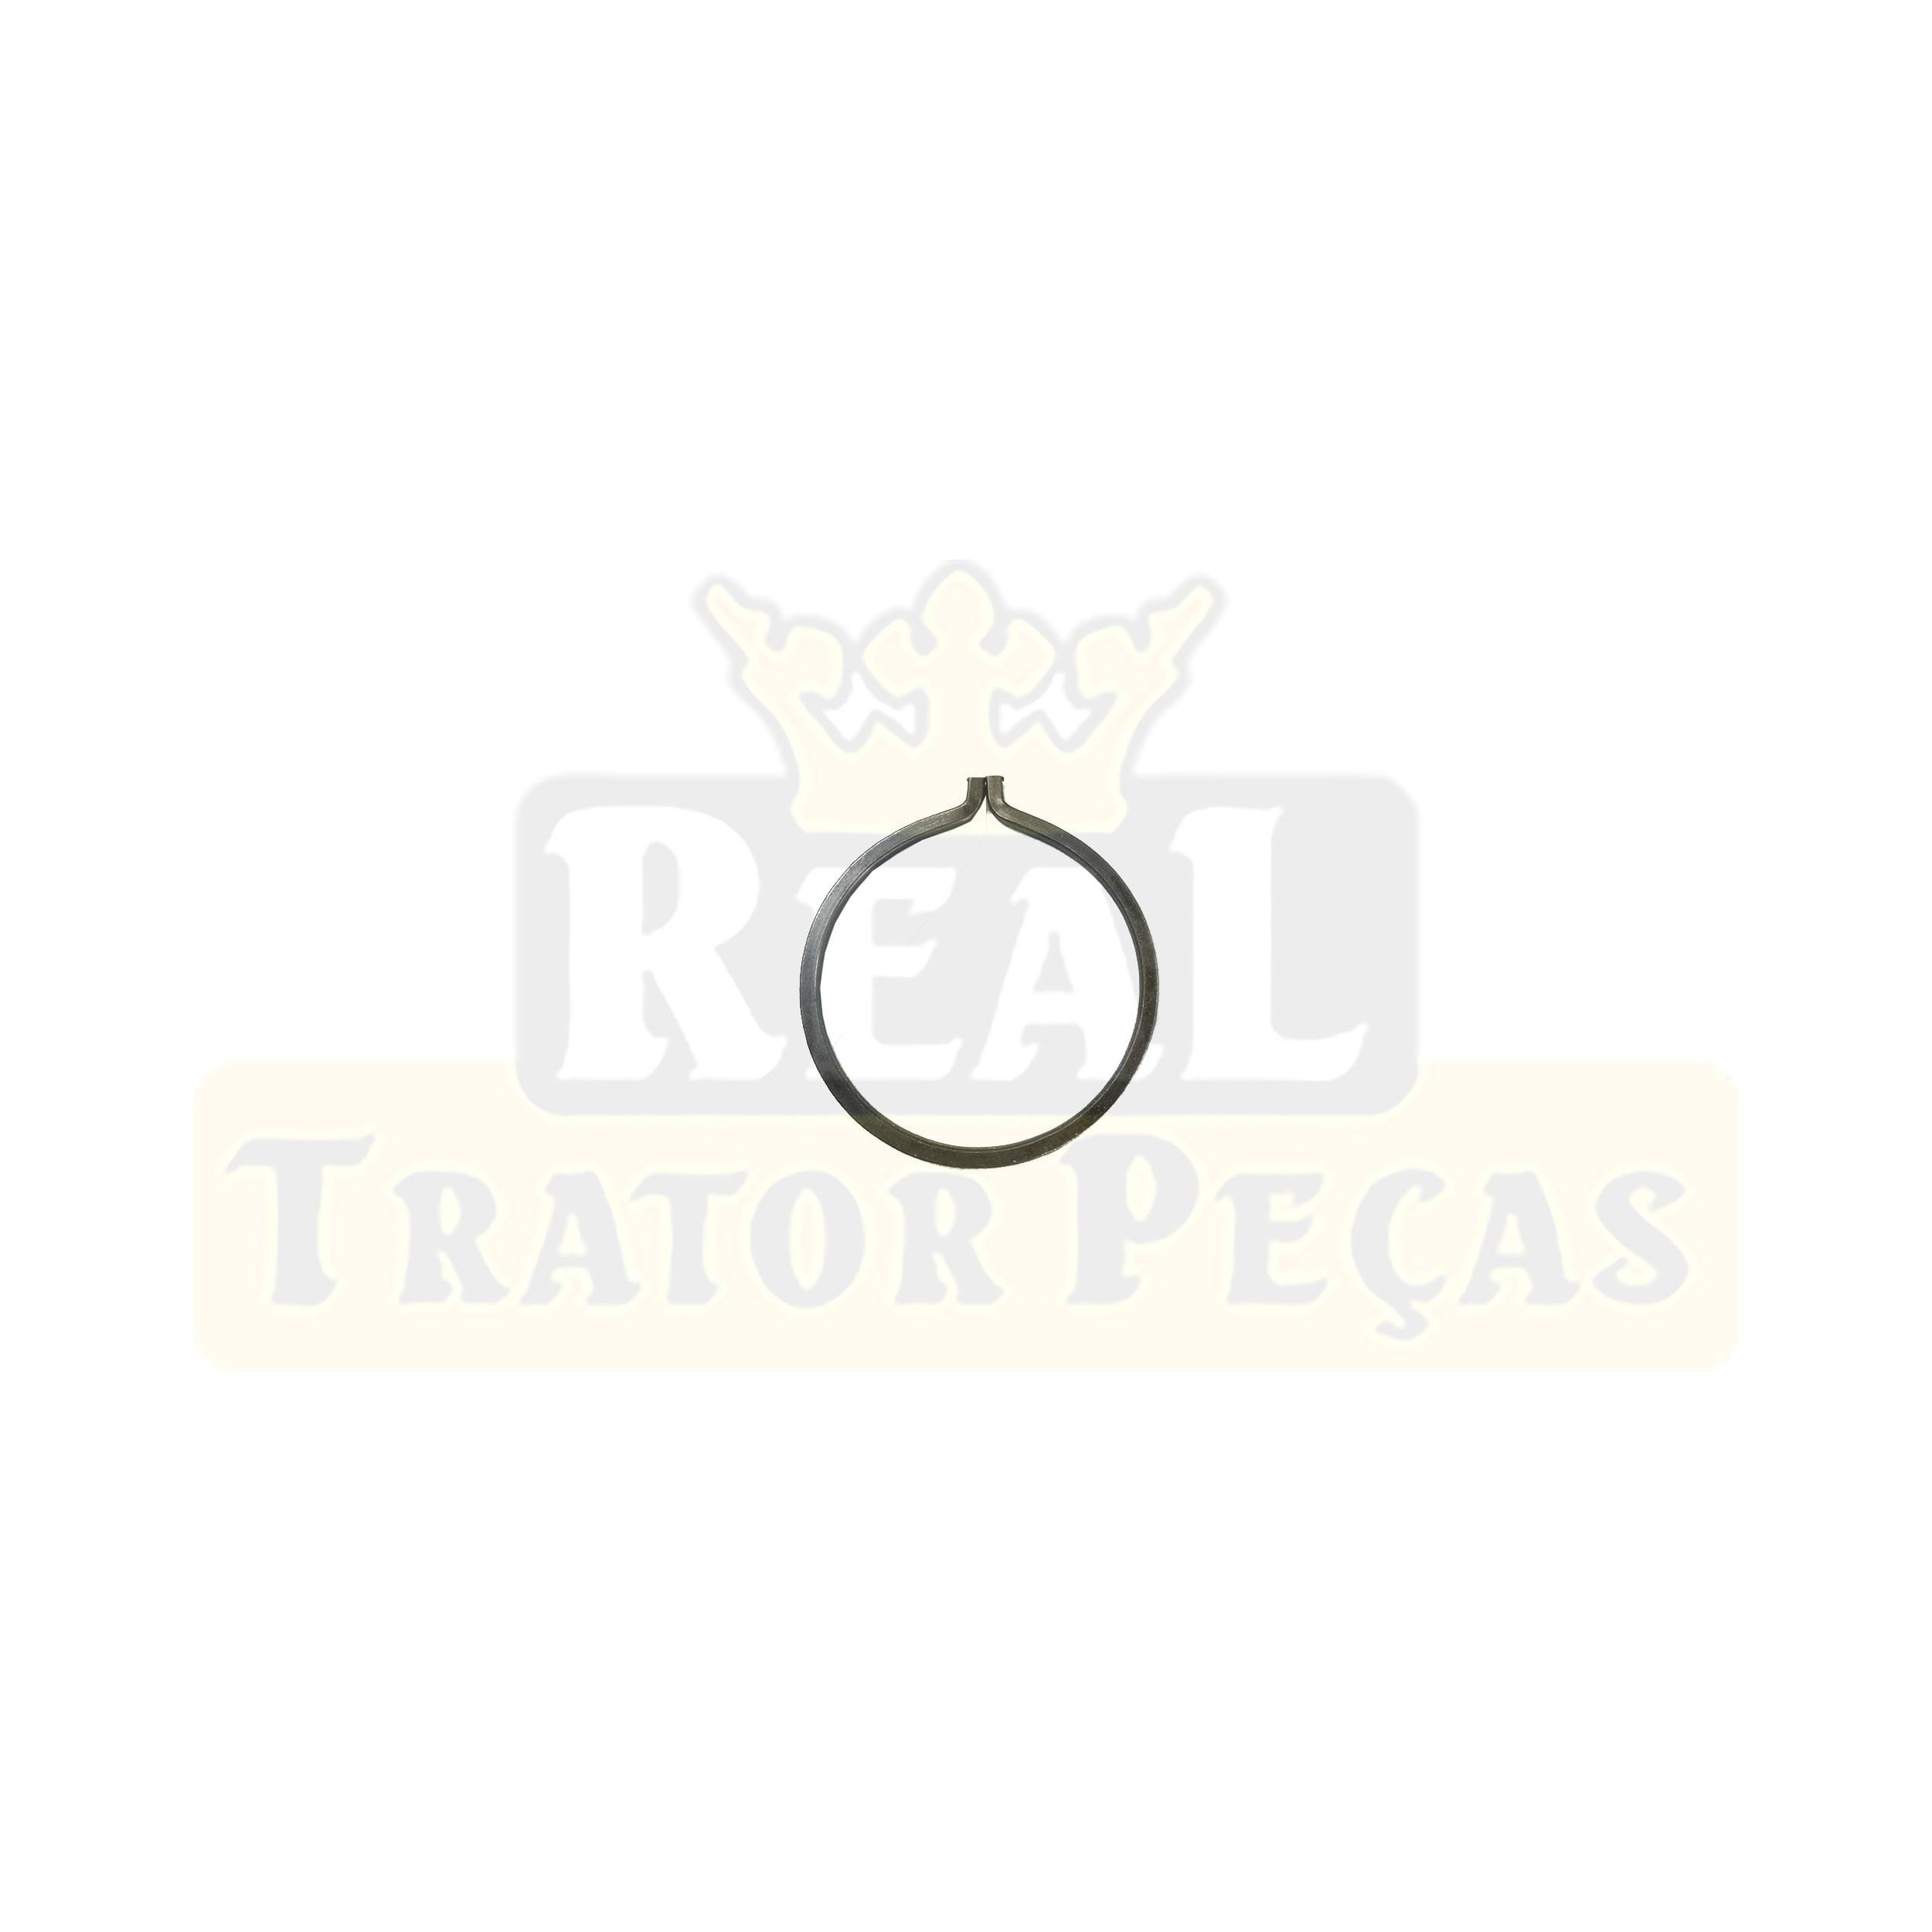 ANEL TRAVA PINHÃO - TRAÇÃO ZF APL335 / 340 - MASSEY FERGUSON 250 A 299 | 5275 / 5285 / 5290 | VALTRA VALMET 685 A 985 | BL66 / BL77 | JOHN DEERE 5403 / 5600 / 5605 / 5700 / 5705